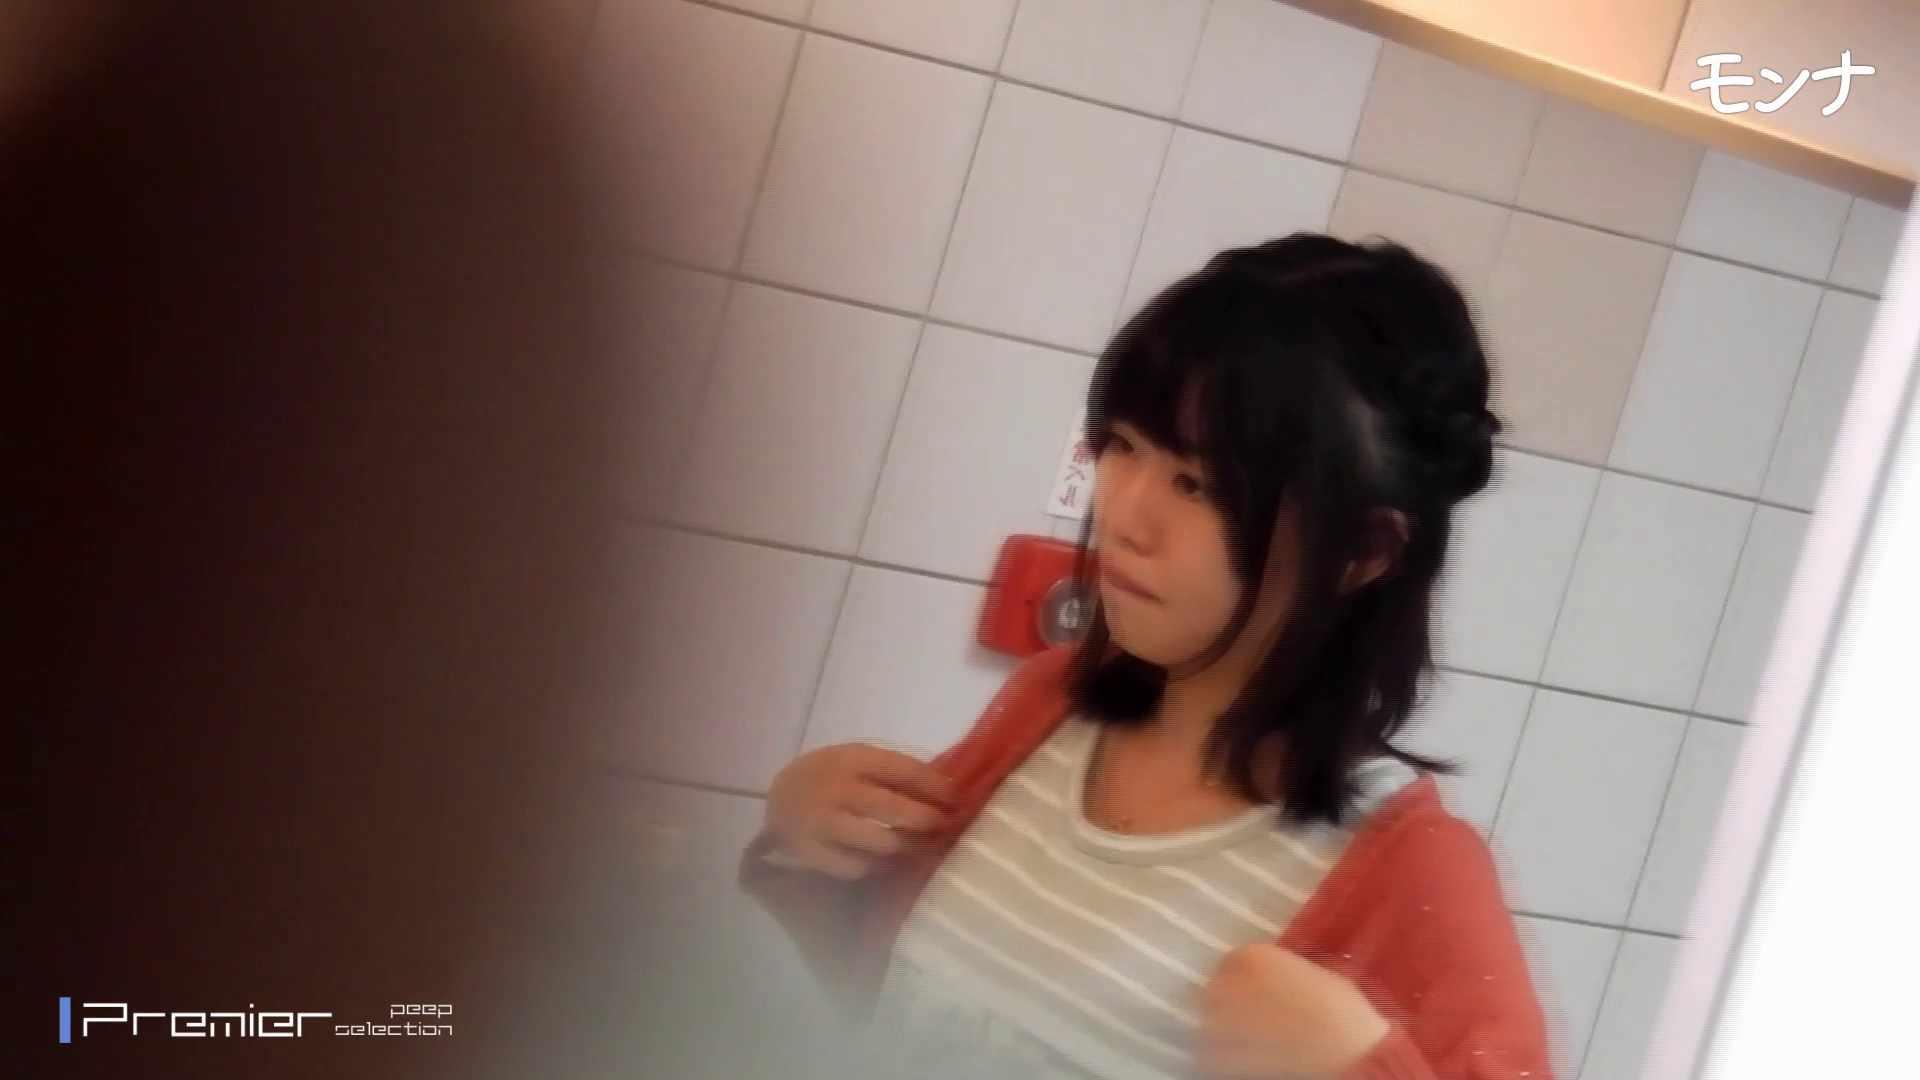 美しい日本の未来 No.58 清楚な顔で、ドロッと大量に!! 美肌  110画像 70